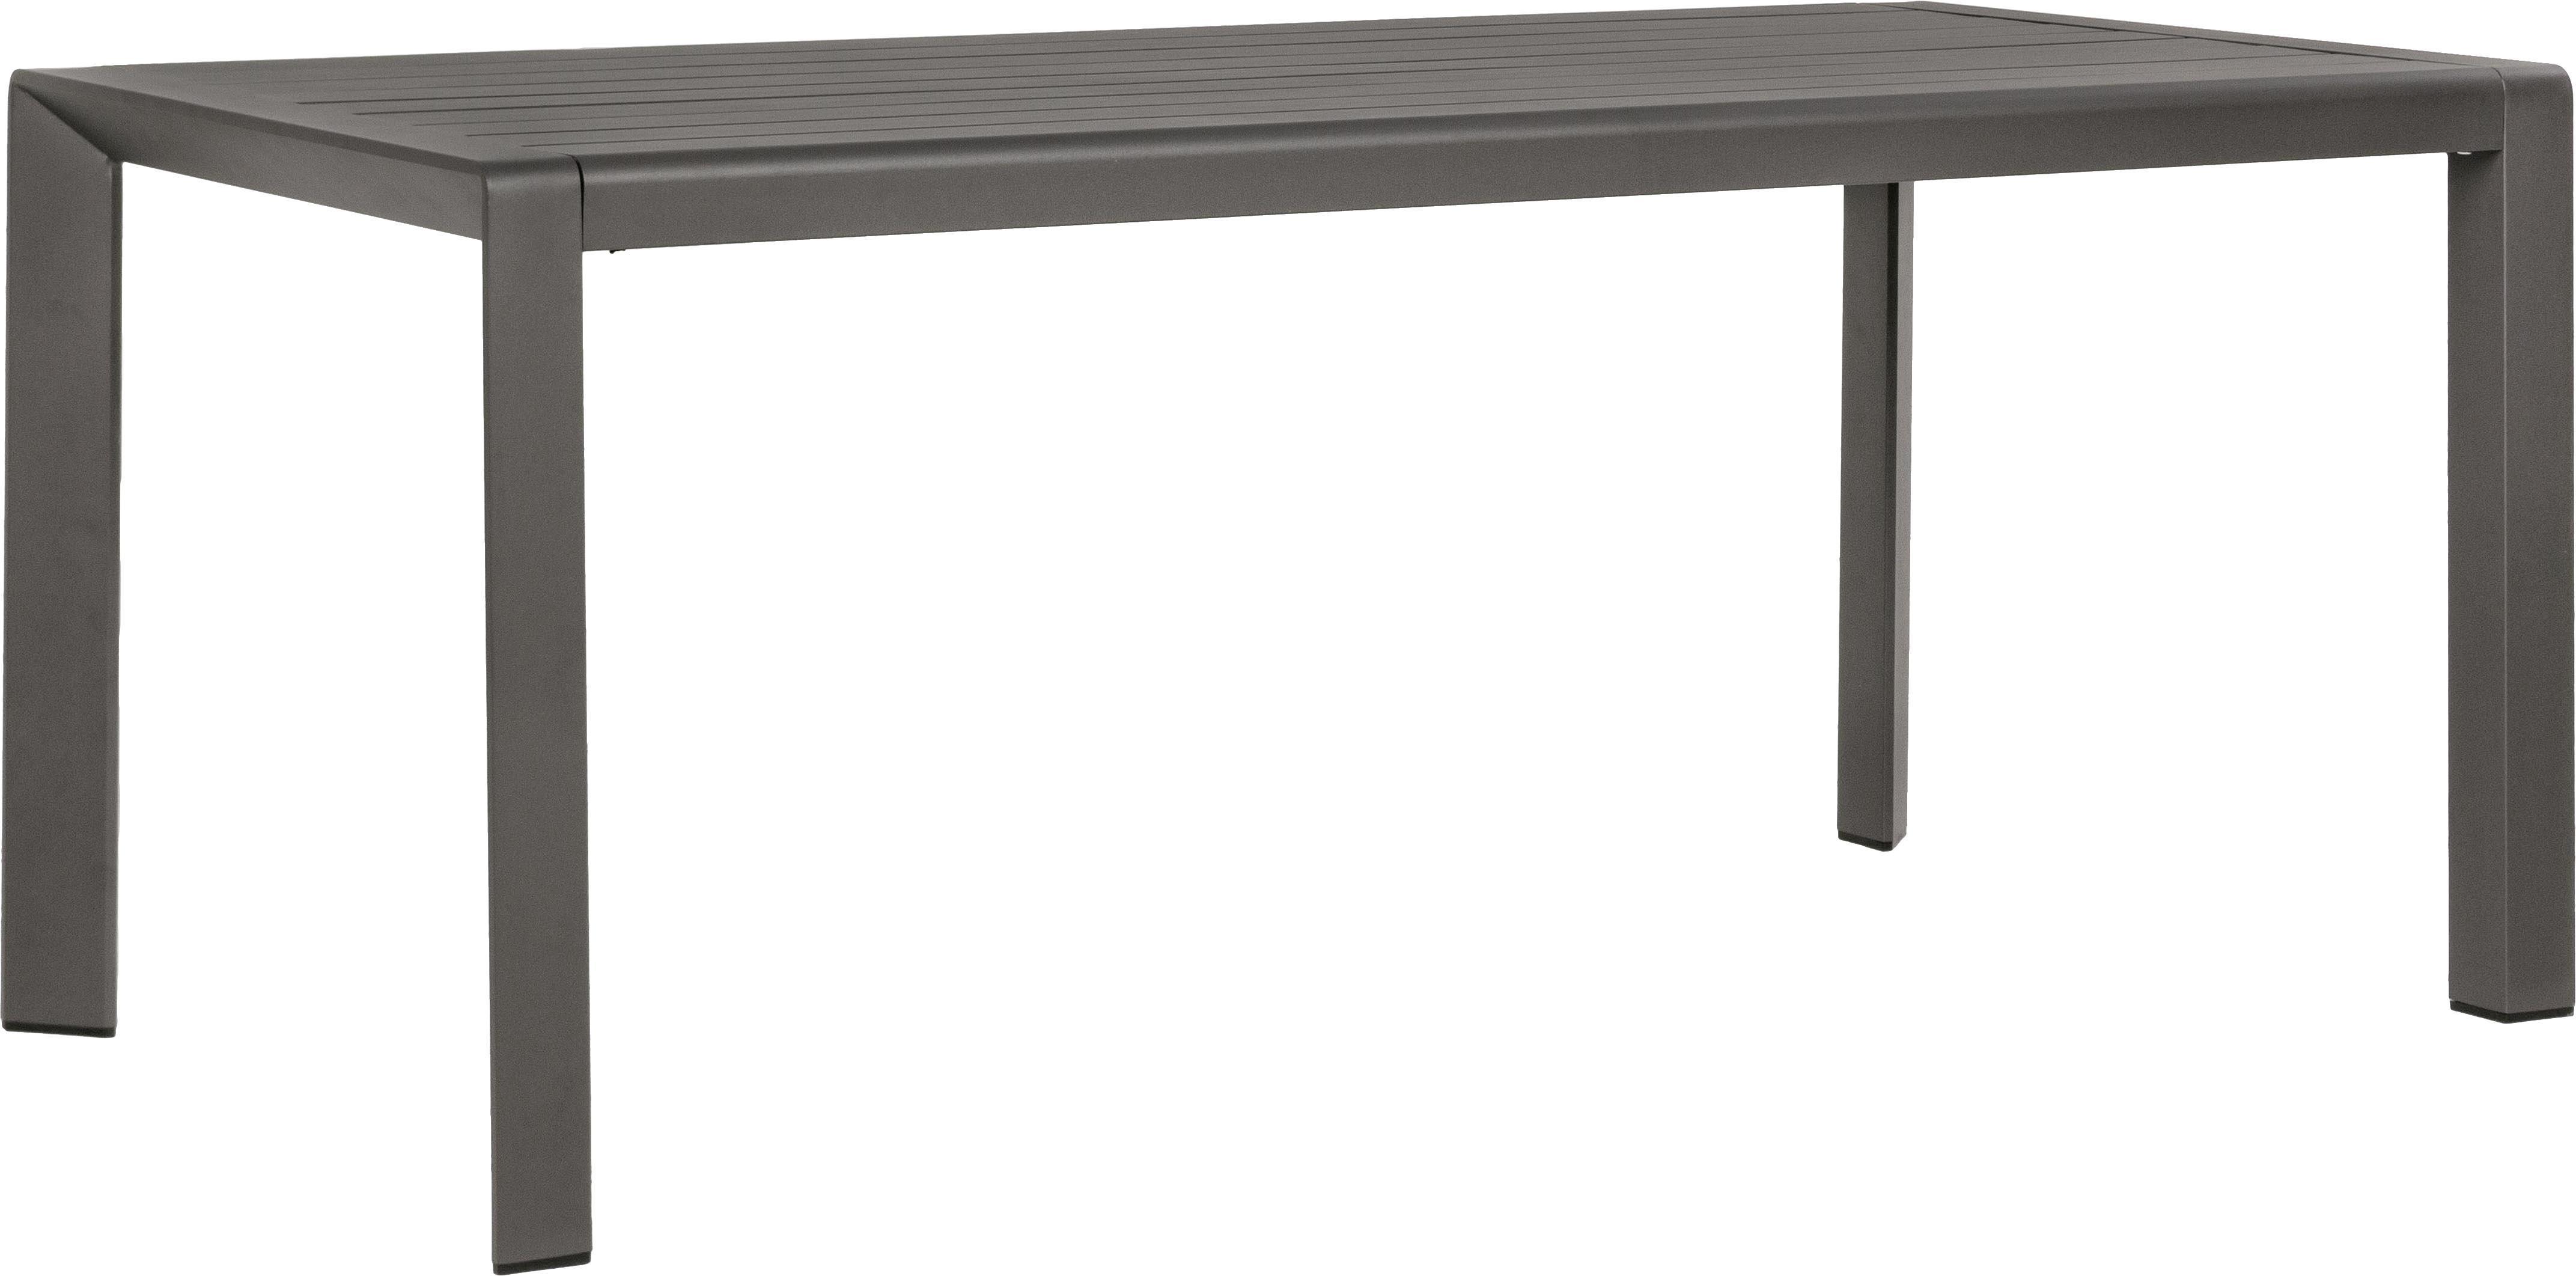 Gartentisch Kirby, Aluminium, pulverbeschichtet, Anthrazit, B 180 x T 90 cm